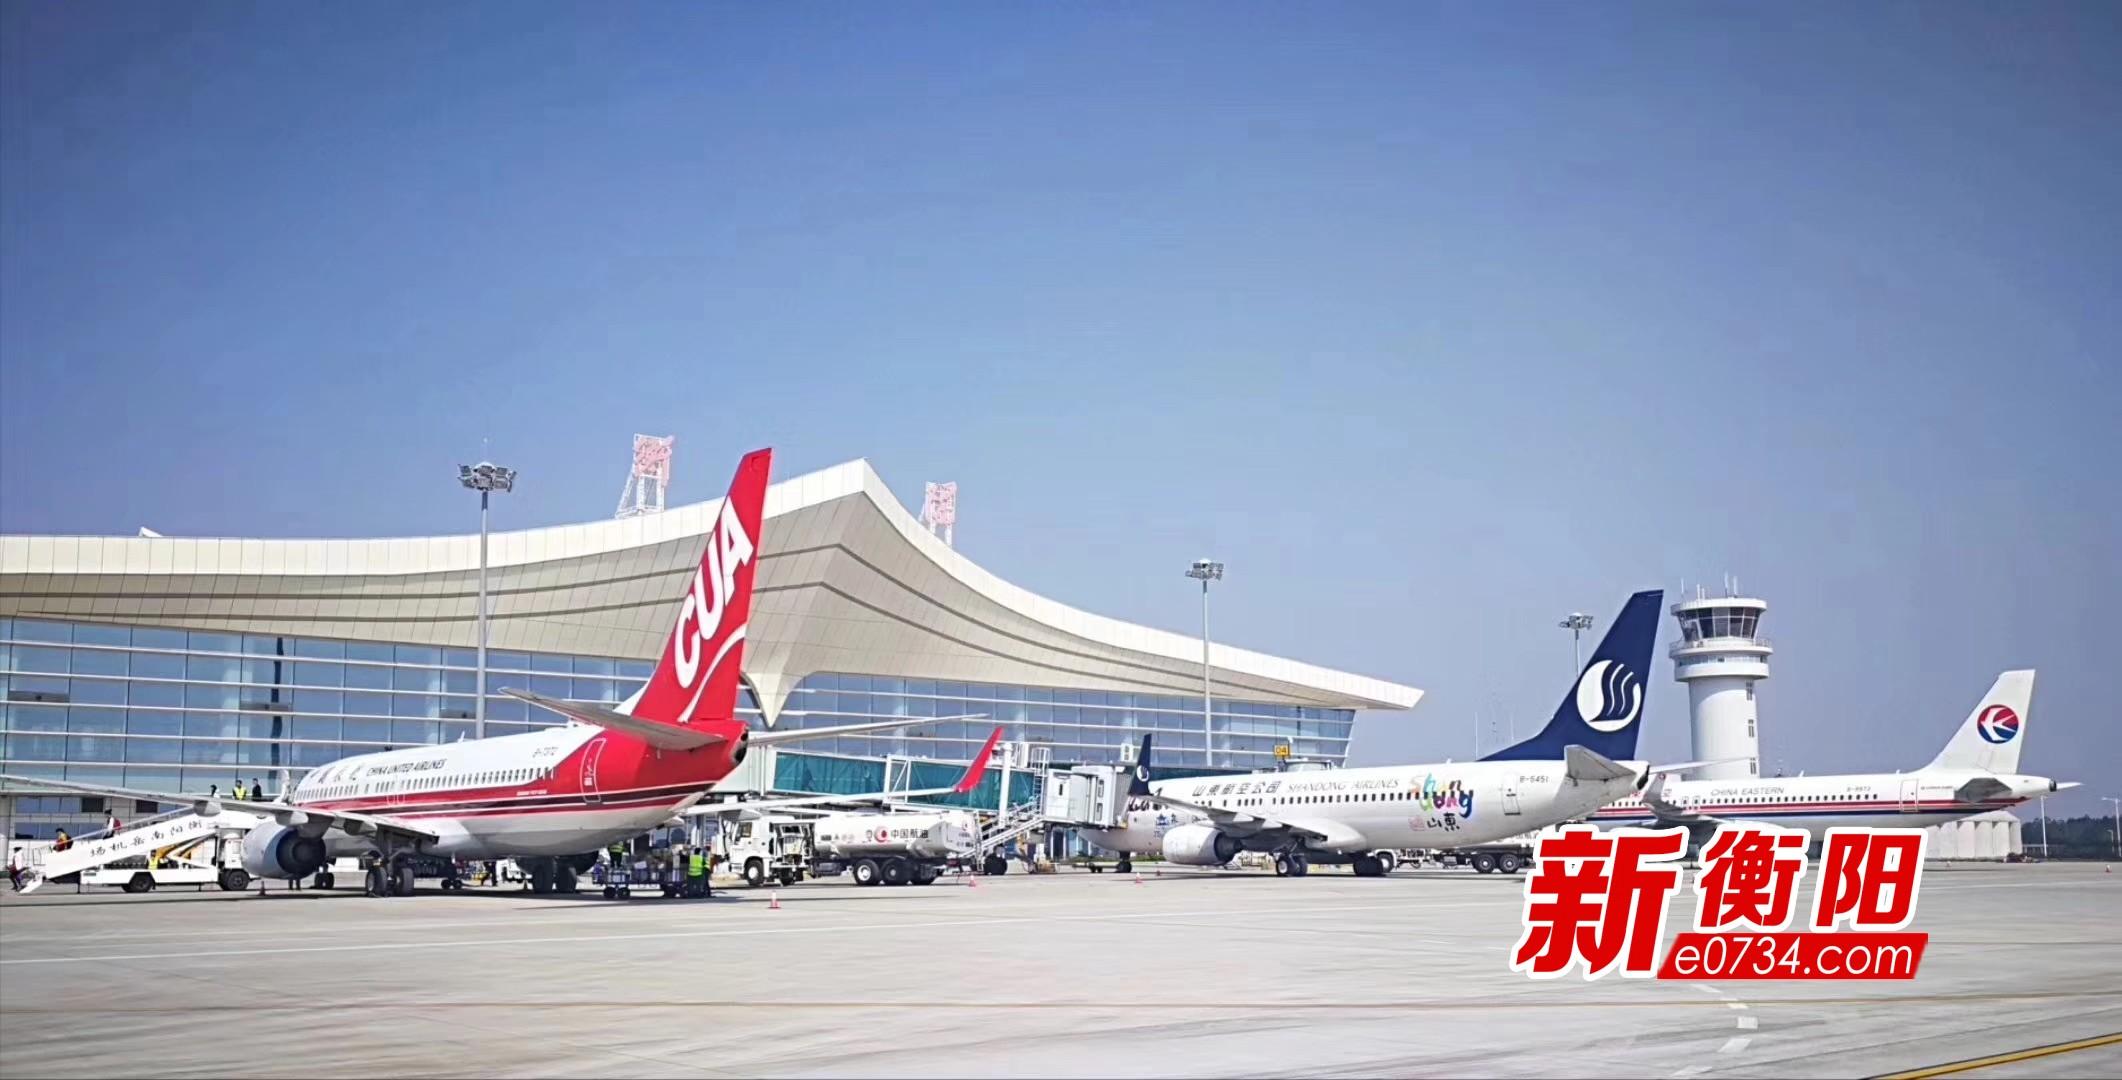 好消息!10月28日南岳机场正式开通成都直飞航线